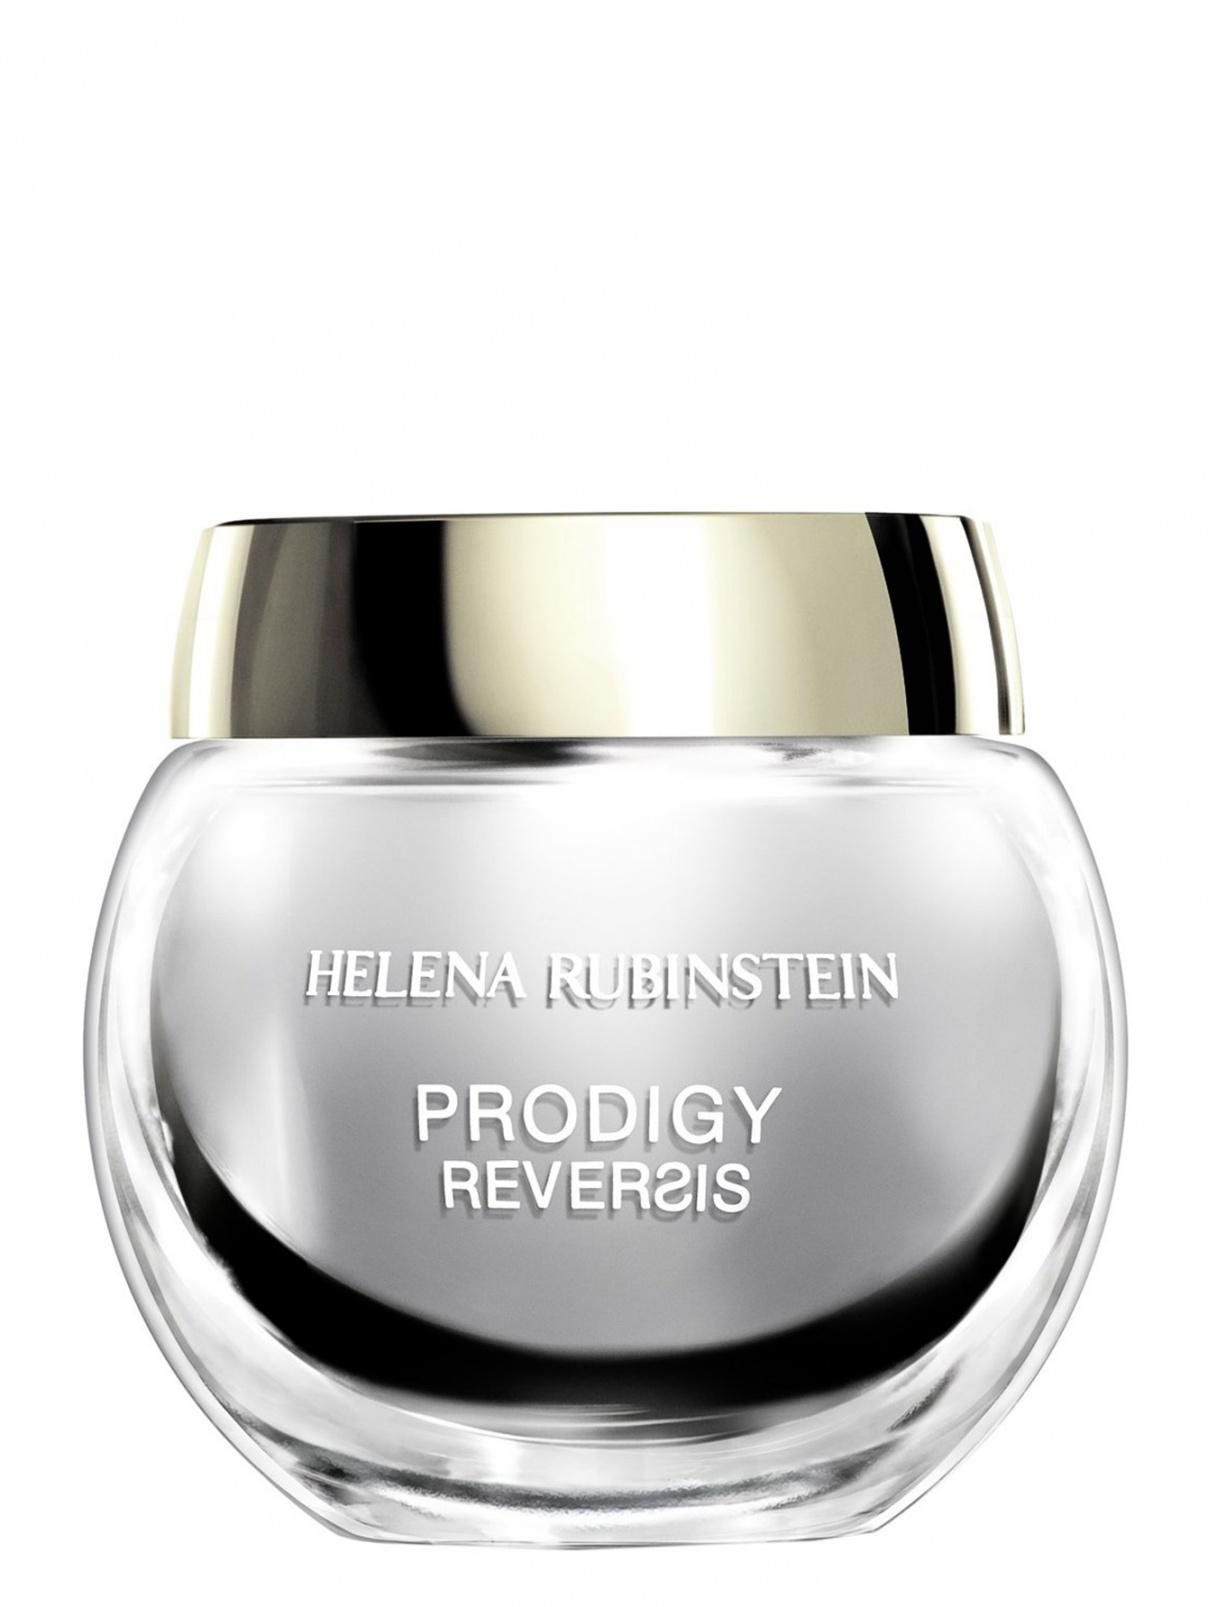 Крем для нормальной и комбинированной кожи - Prodigy Reversis, 50ml Helena Rubinstein  –  Общий вид